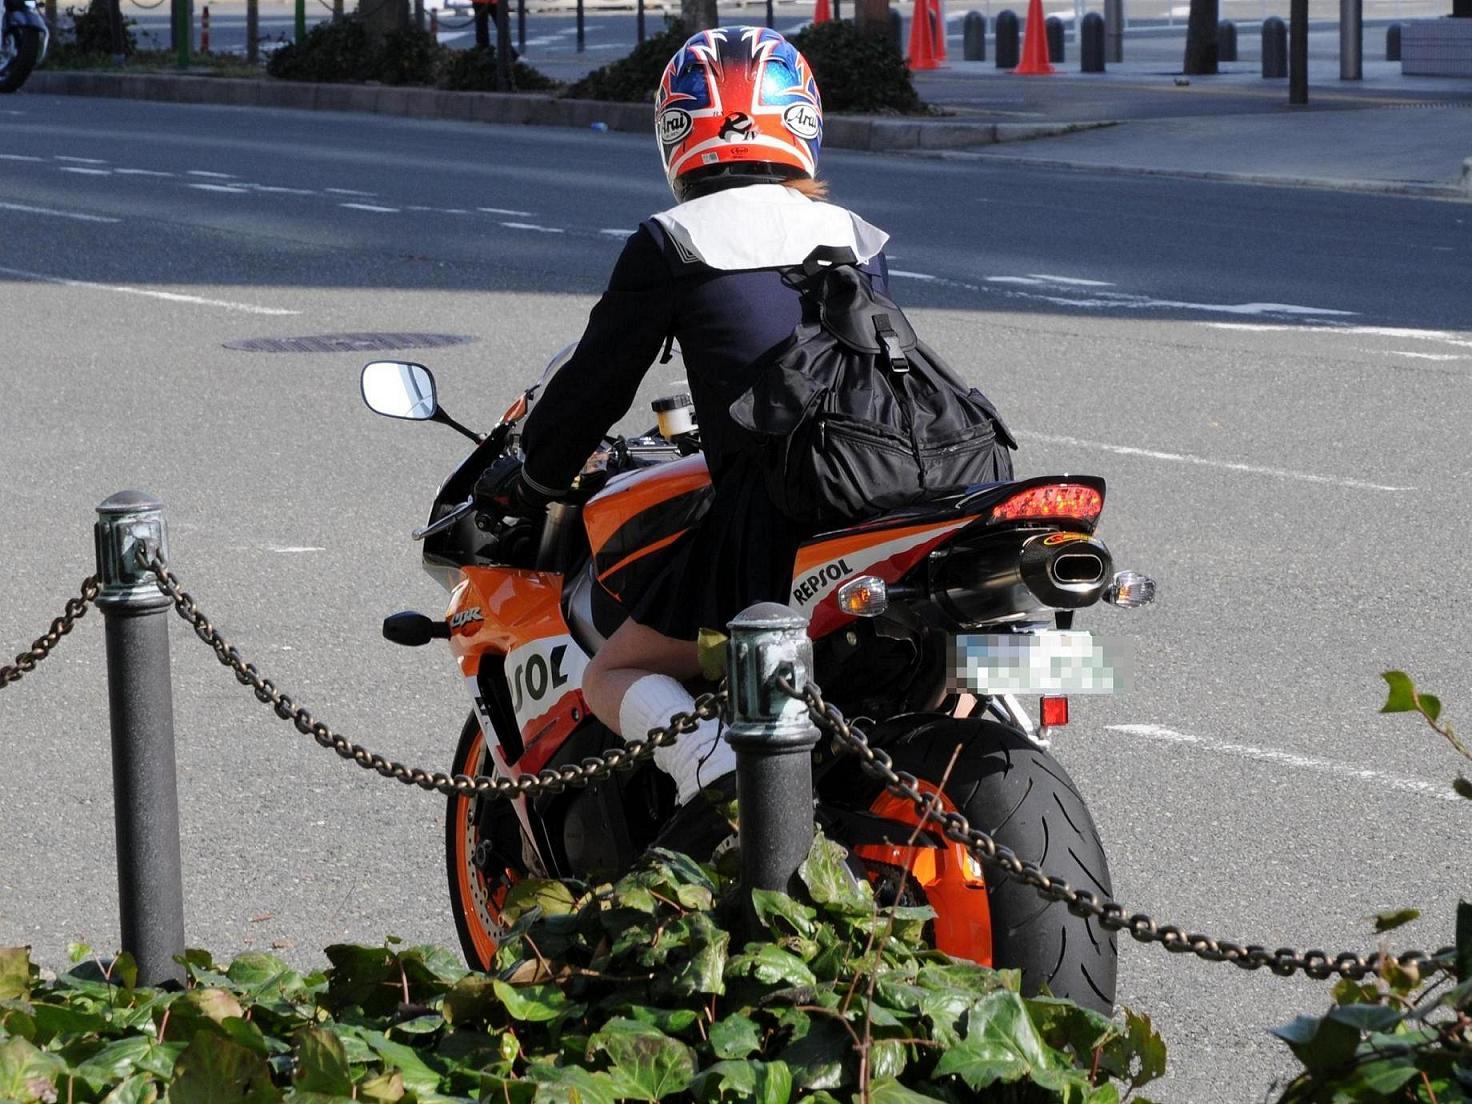 自転車用 かっこいい自転車用ヘルメット : ほんと今は、バイクにどっぷり ...